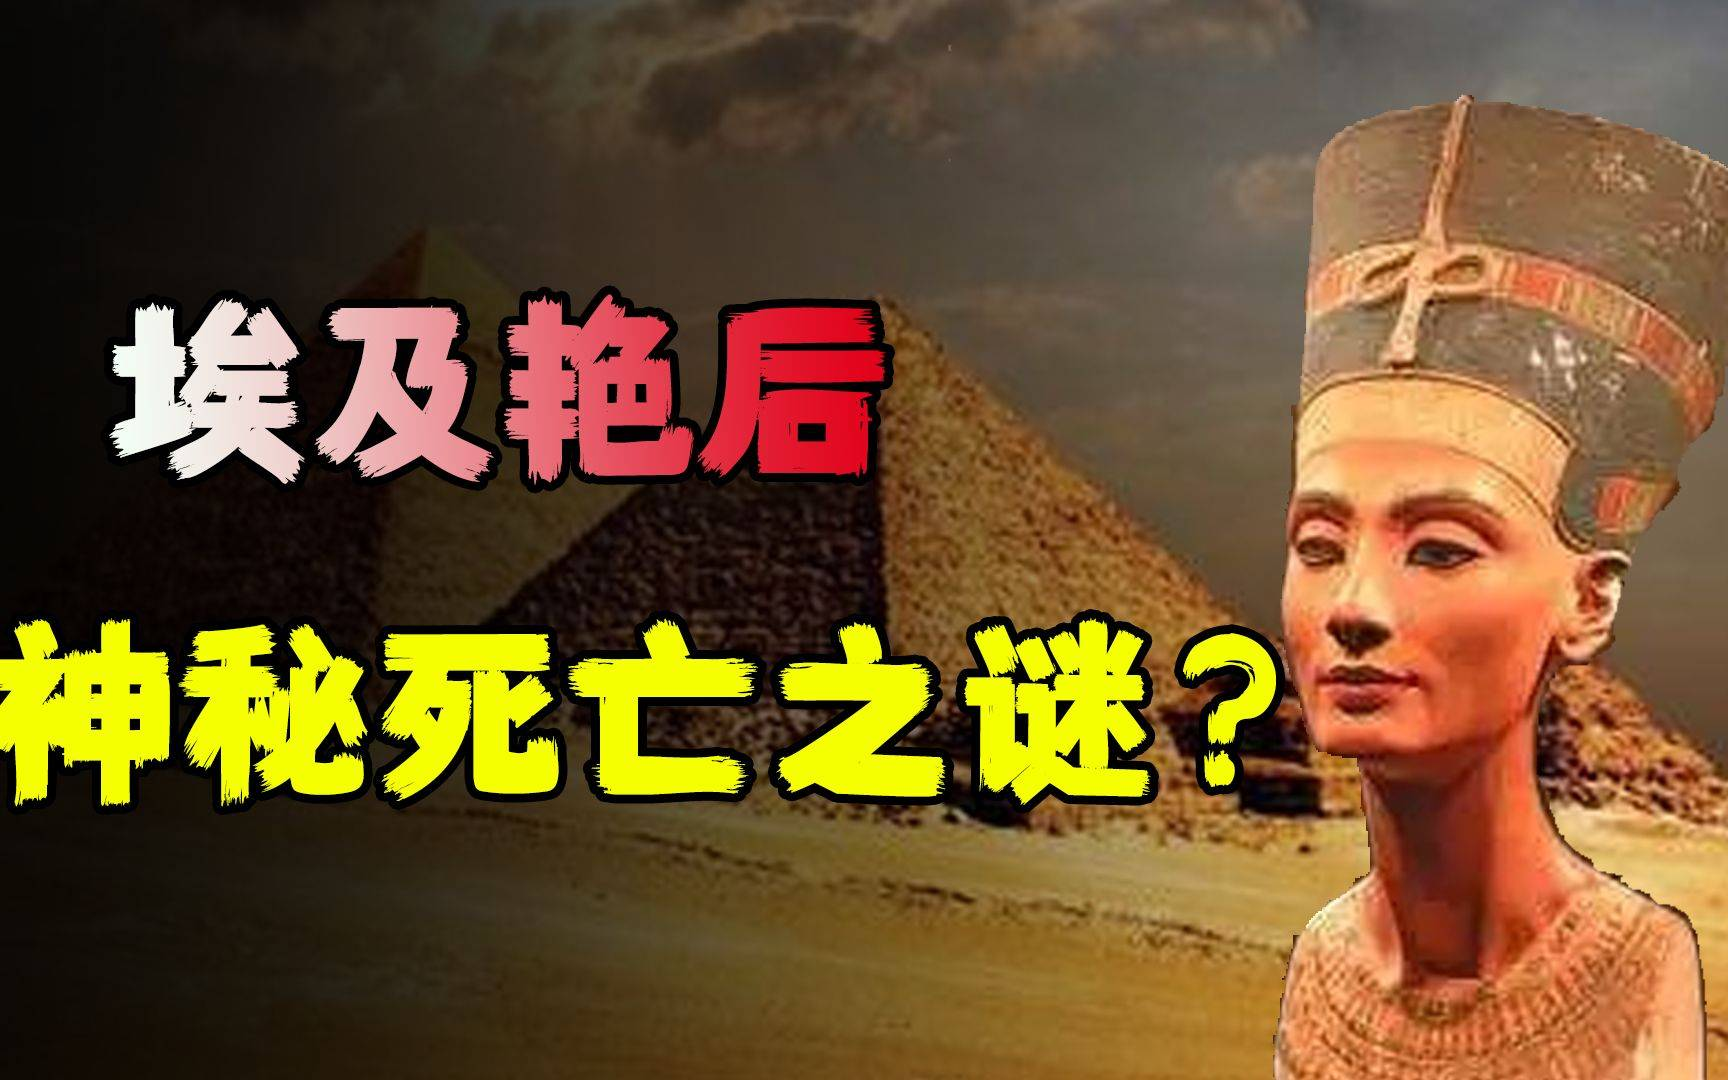 """西方""""武则天""""埃及艳后, 巅峰期神秘死亡, DNA与人类完全不符?"""